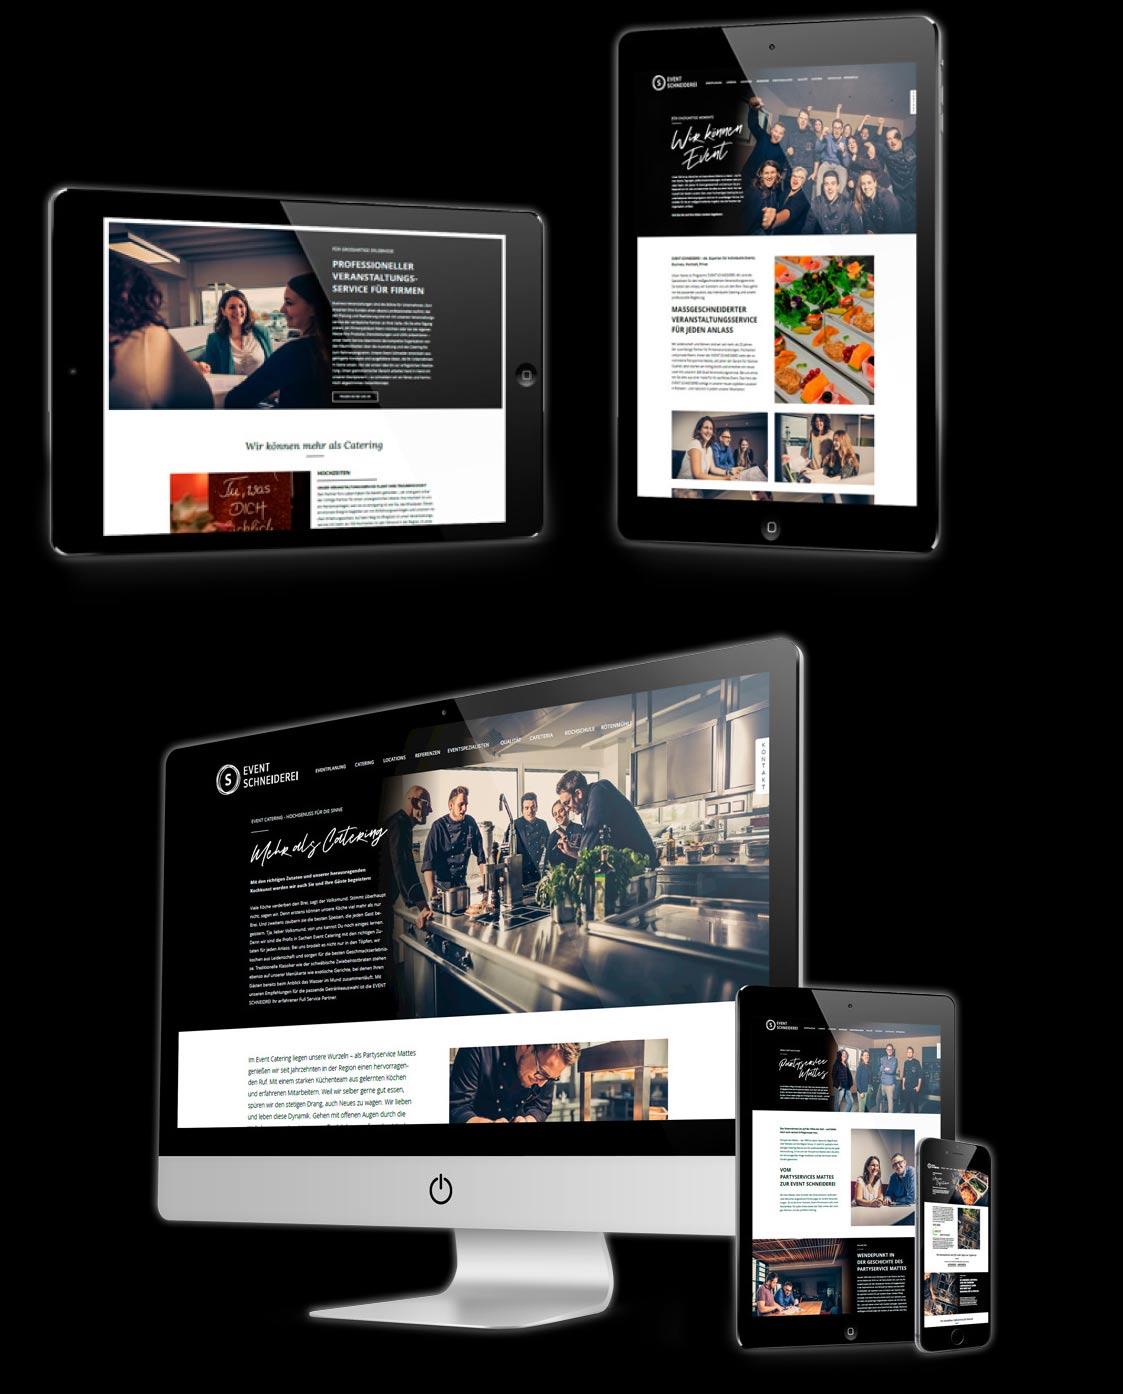 Verschiedene Bildschirme auf denen die neue Webseite von der Event Schneiderei zu sehen ist